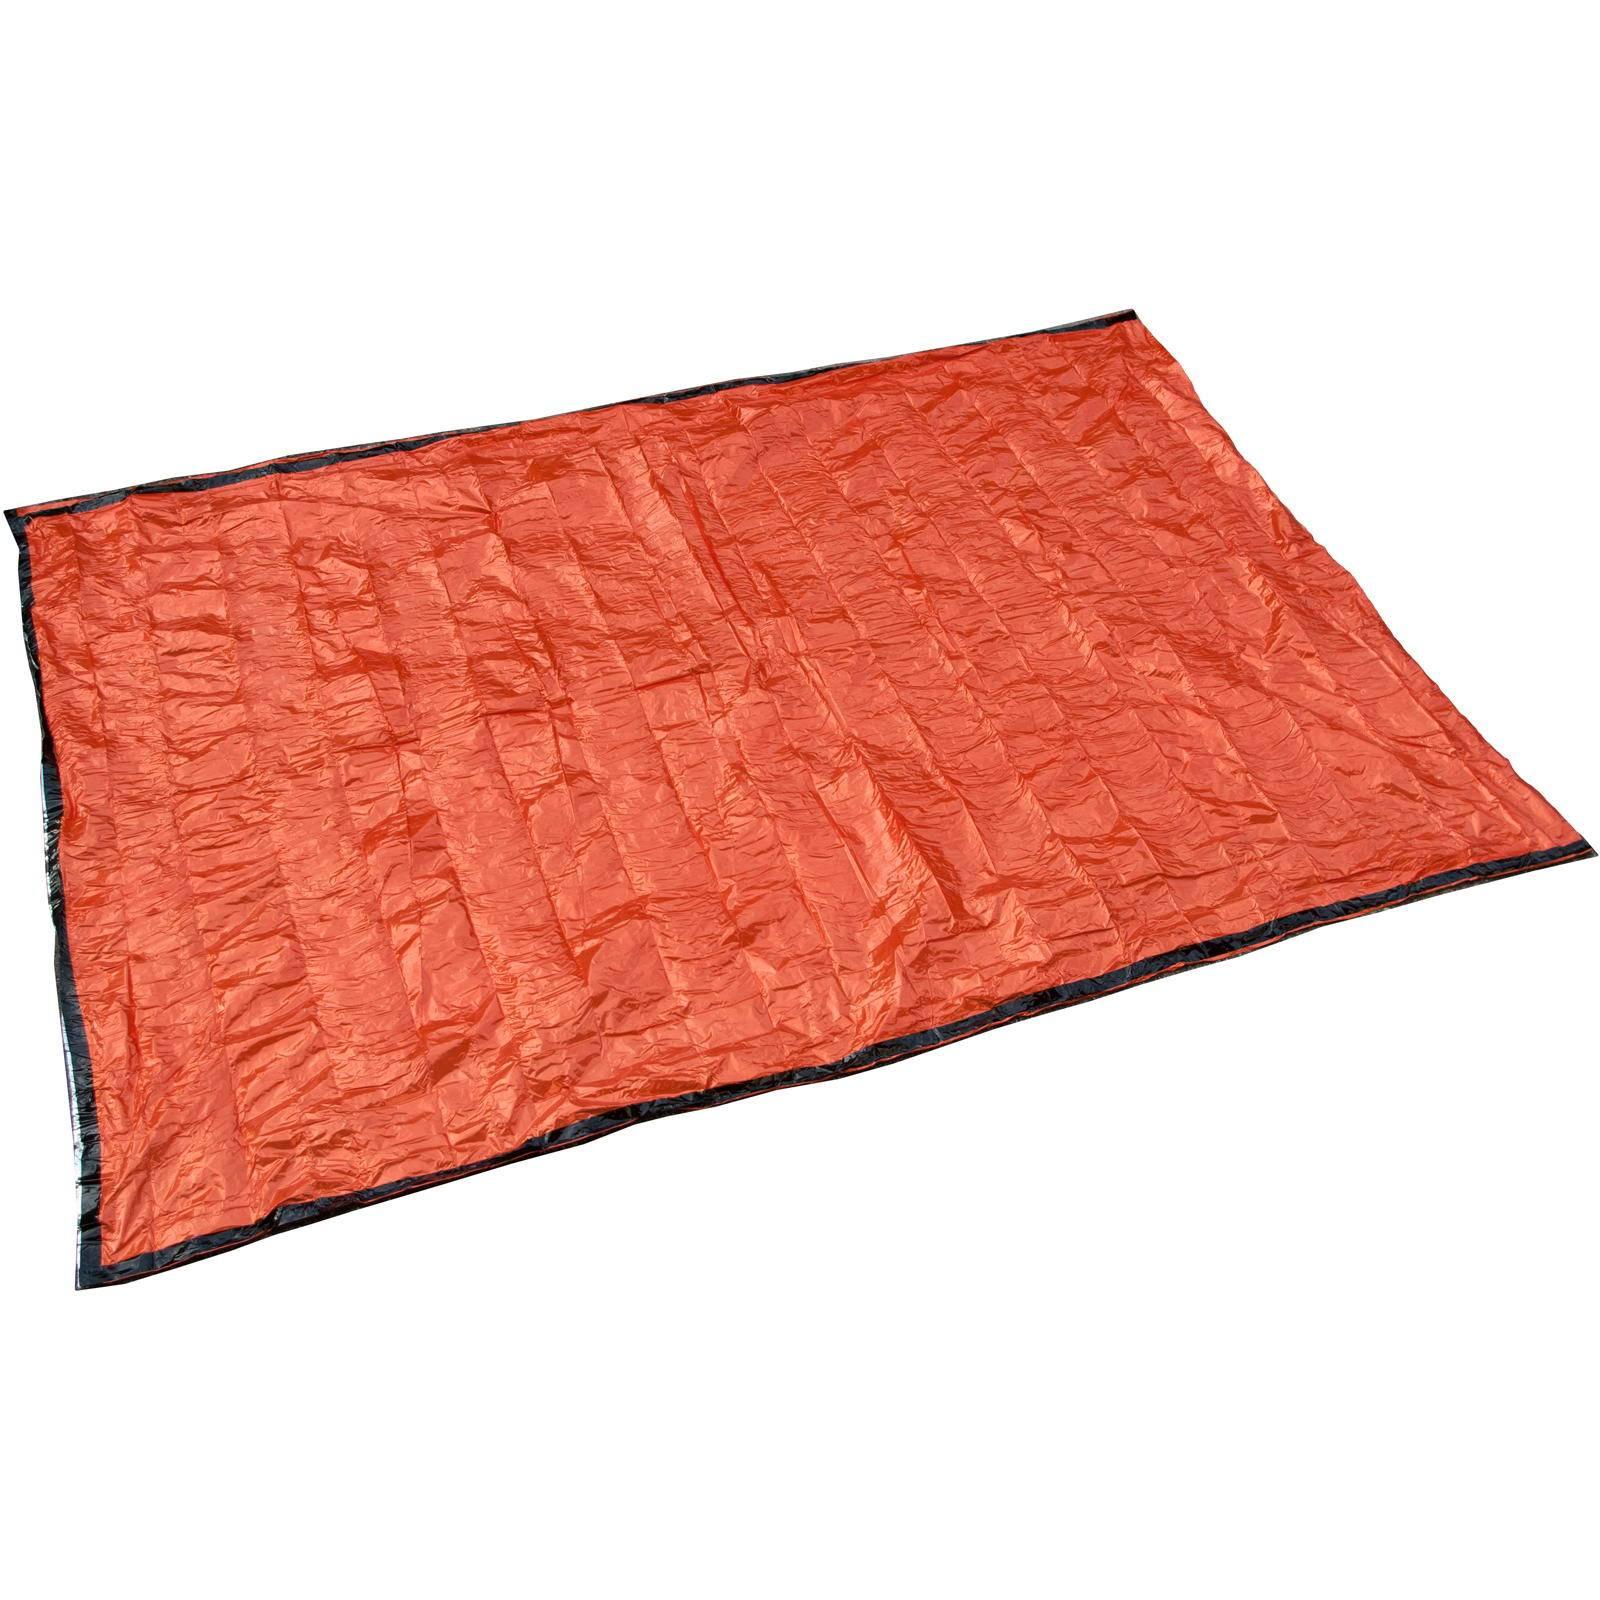 Relags Ultralite Bivi Double - Biwaksack orange - Bild 1